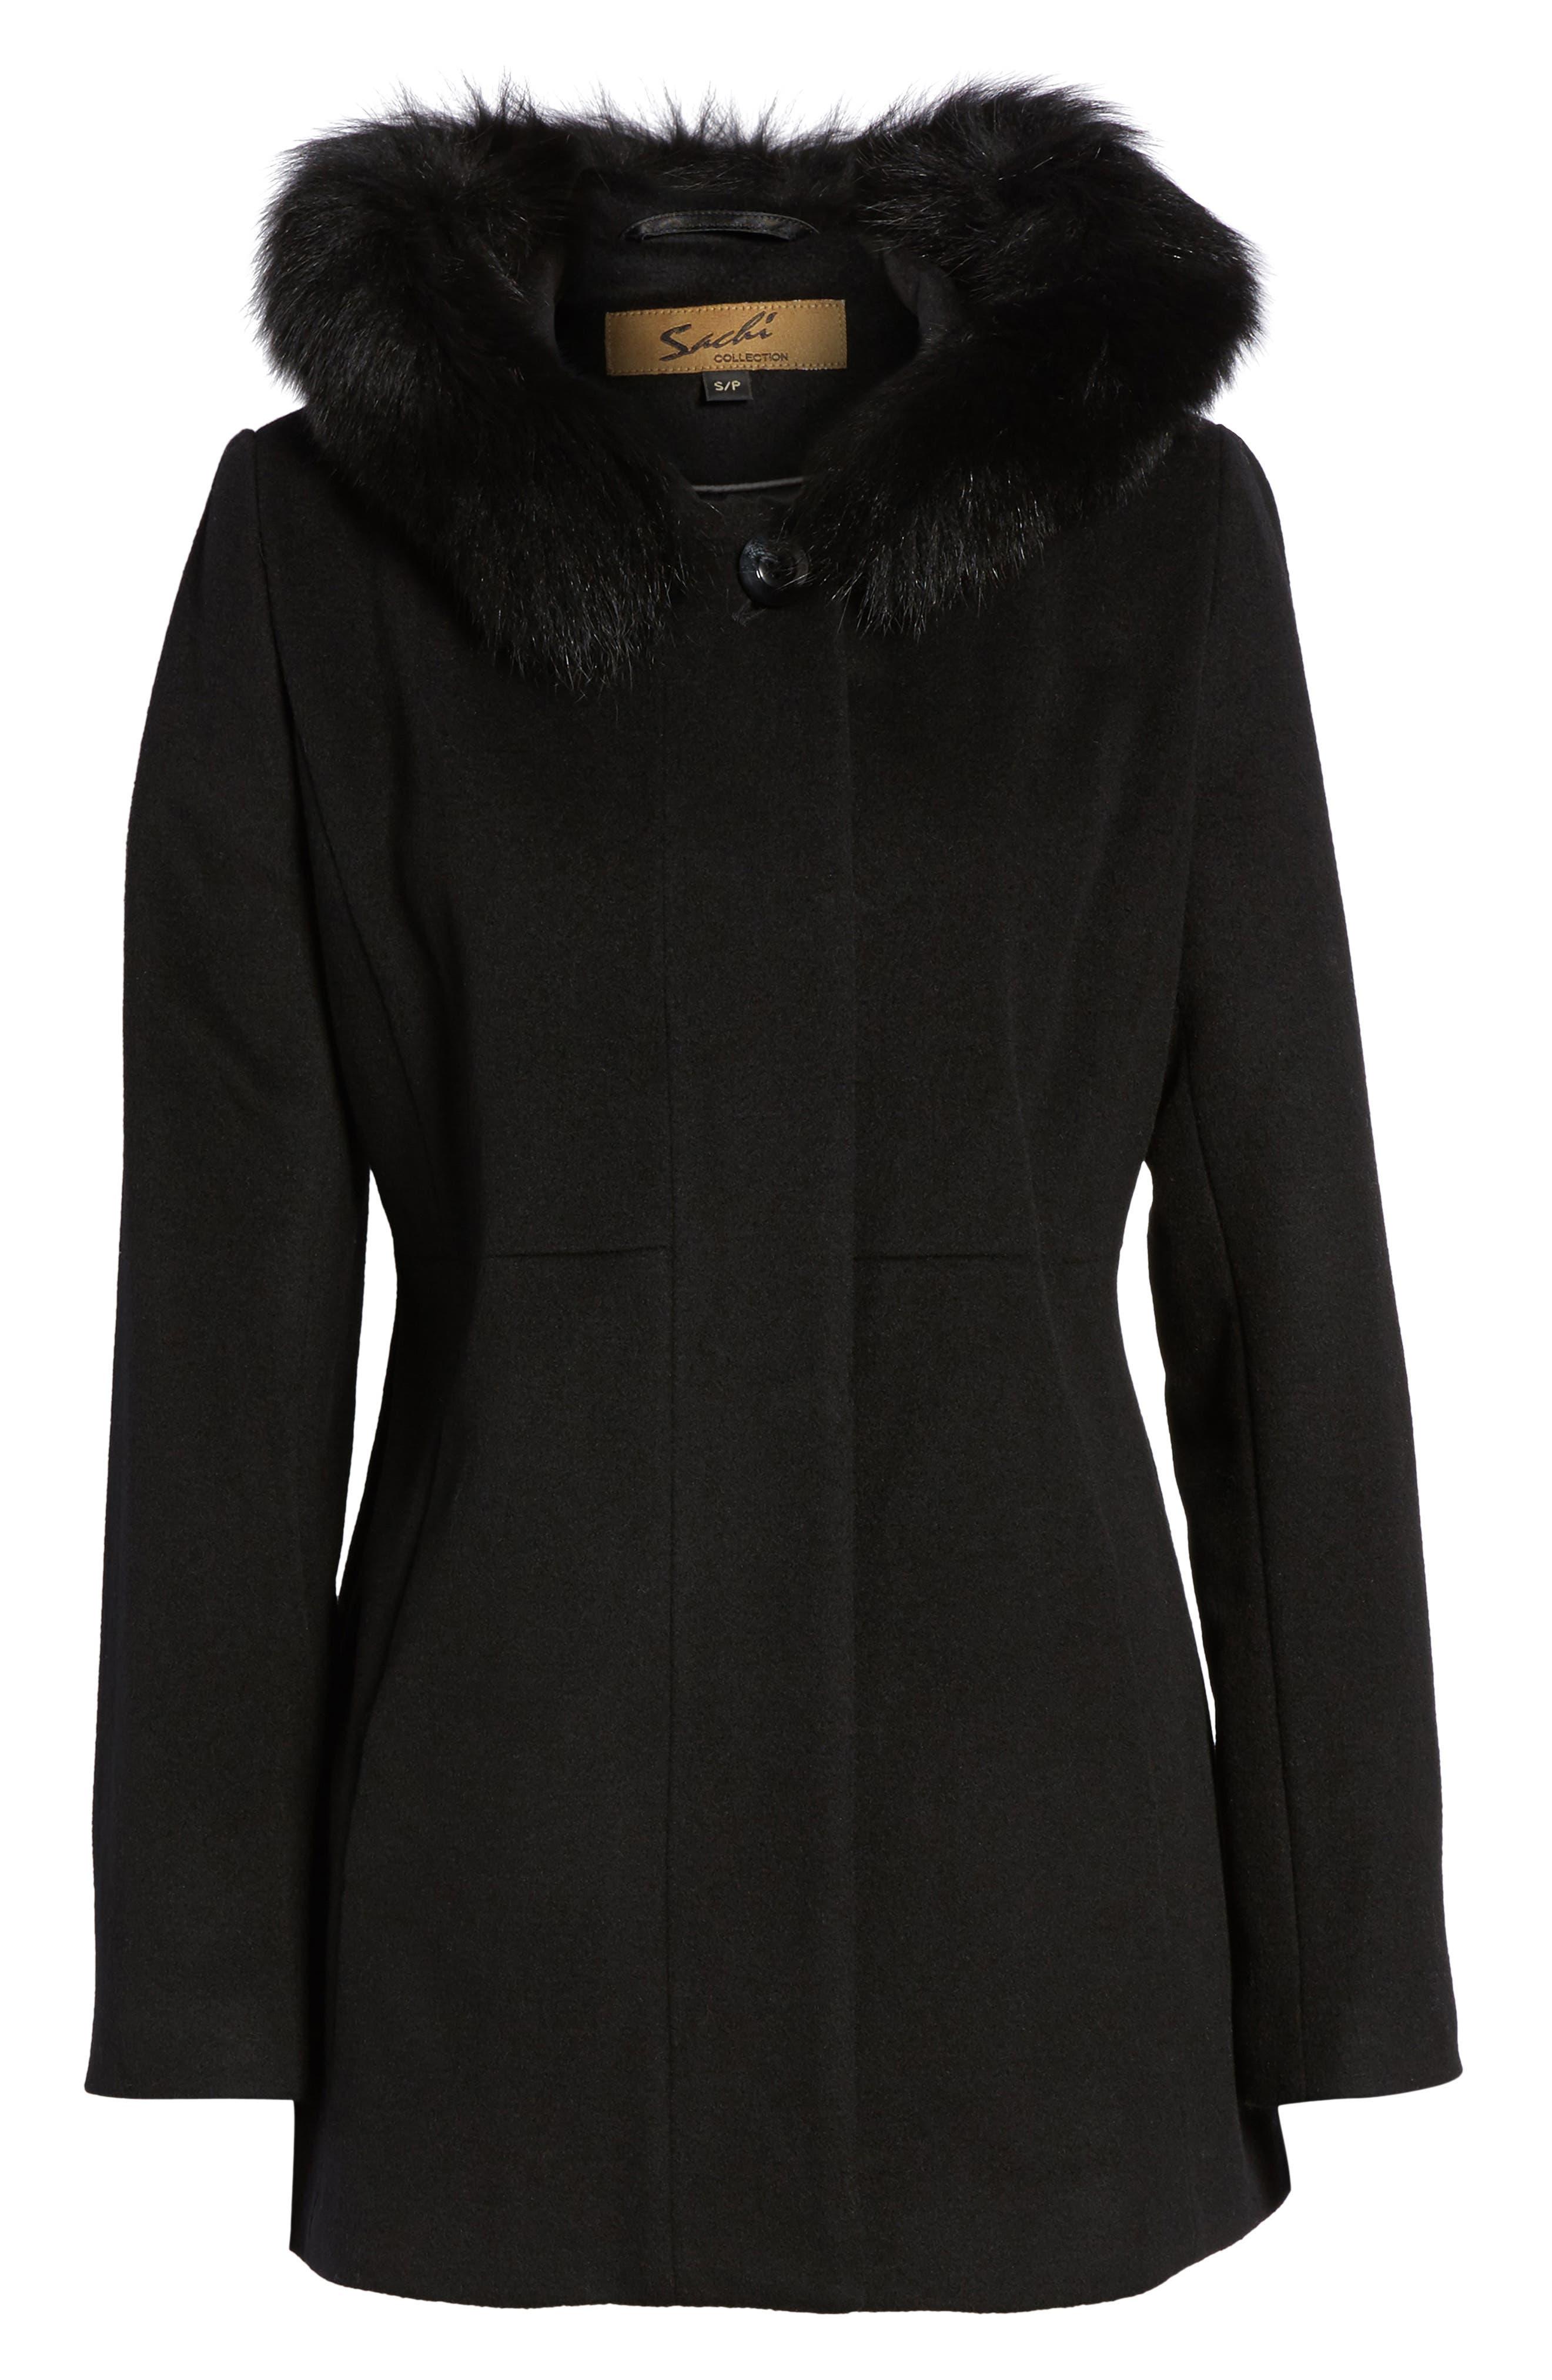 Sachi Genuine Fox Fur Trim Hooded Wool Blend Coat (Regular & Petite)